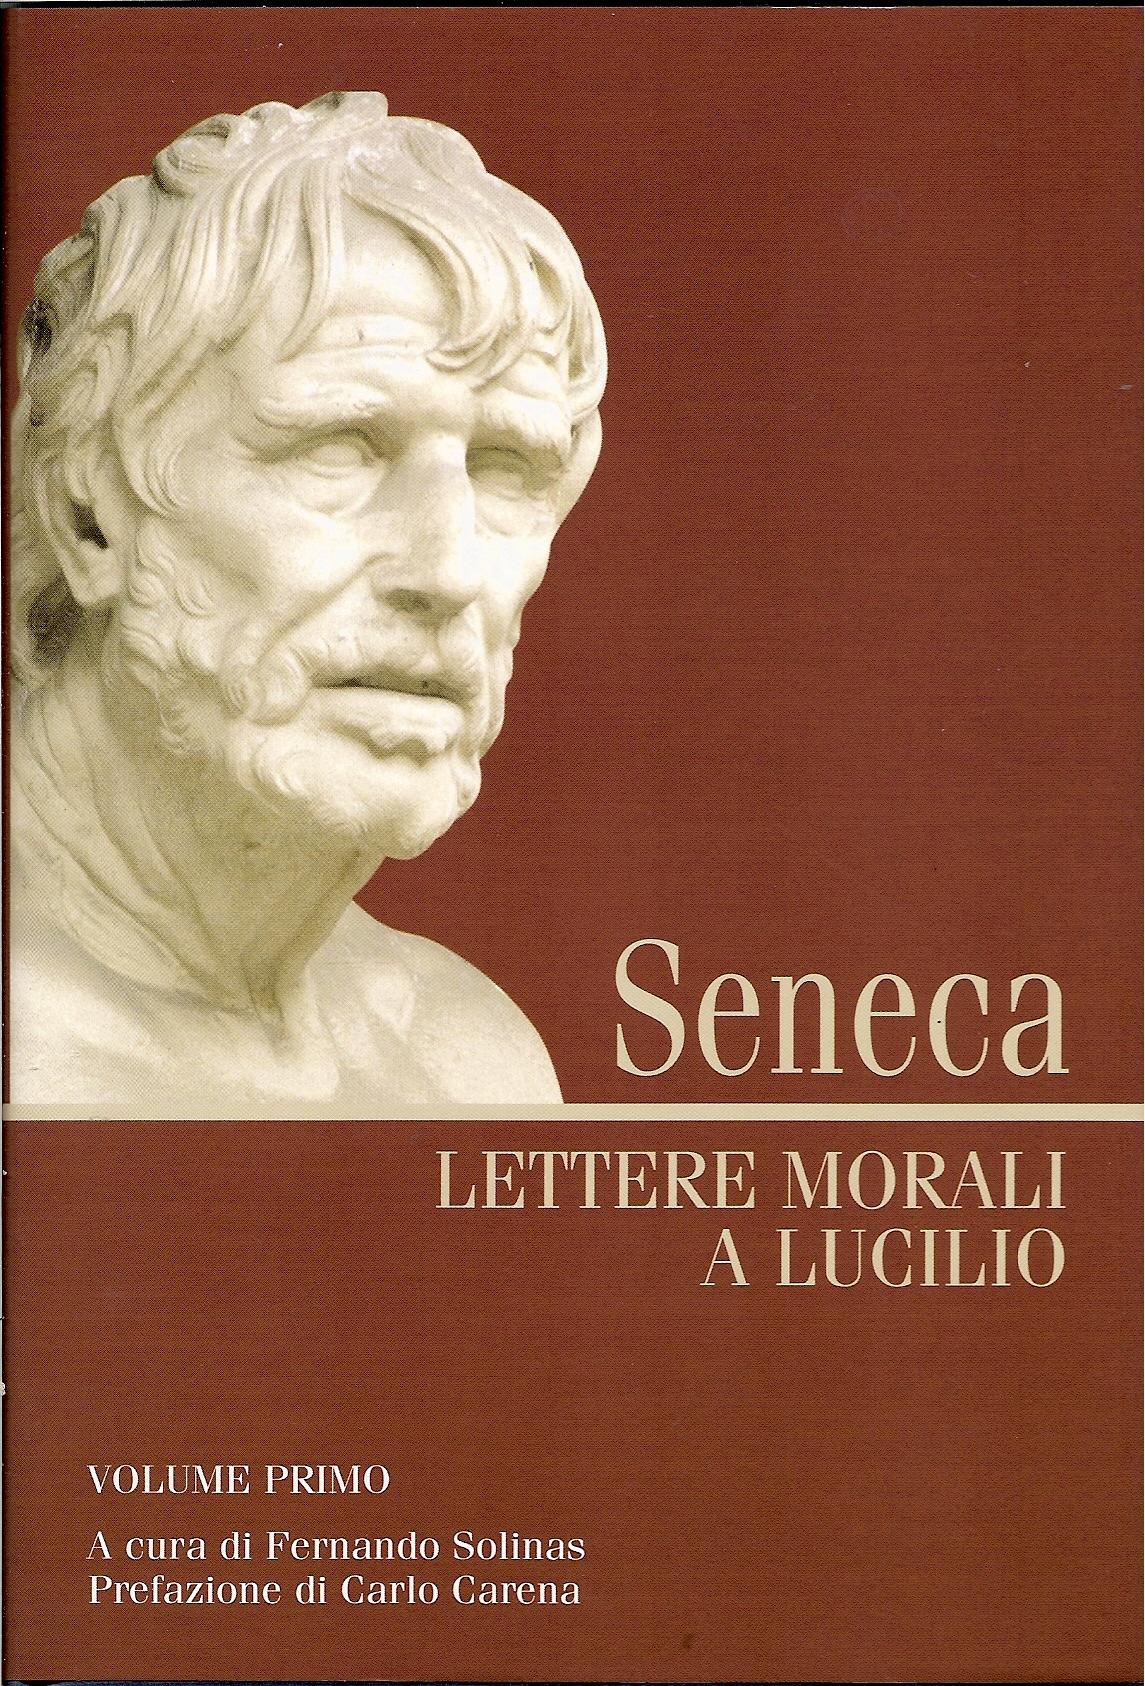 Lettere morali a Lucilio vol. I